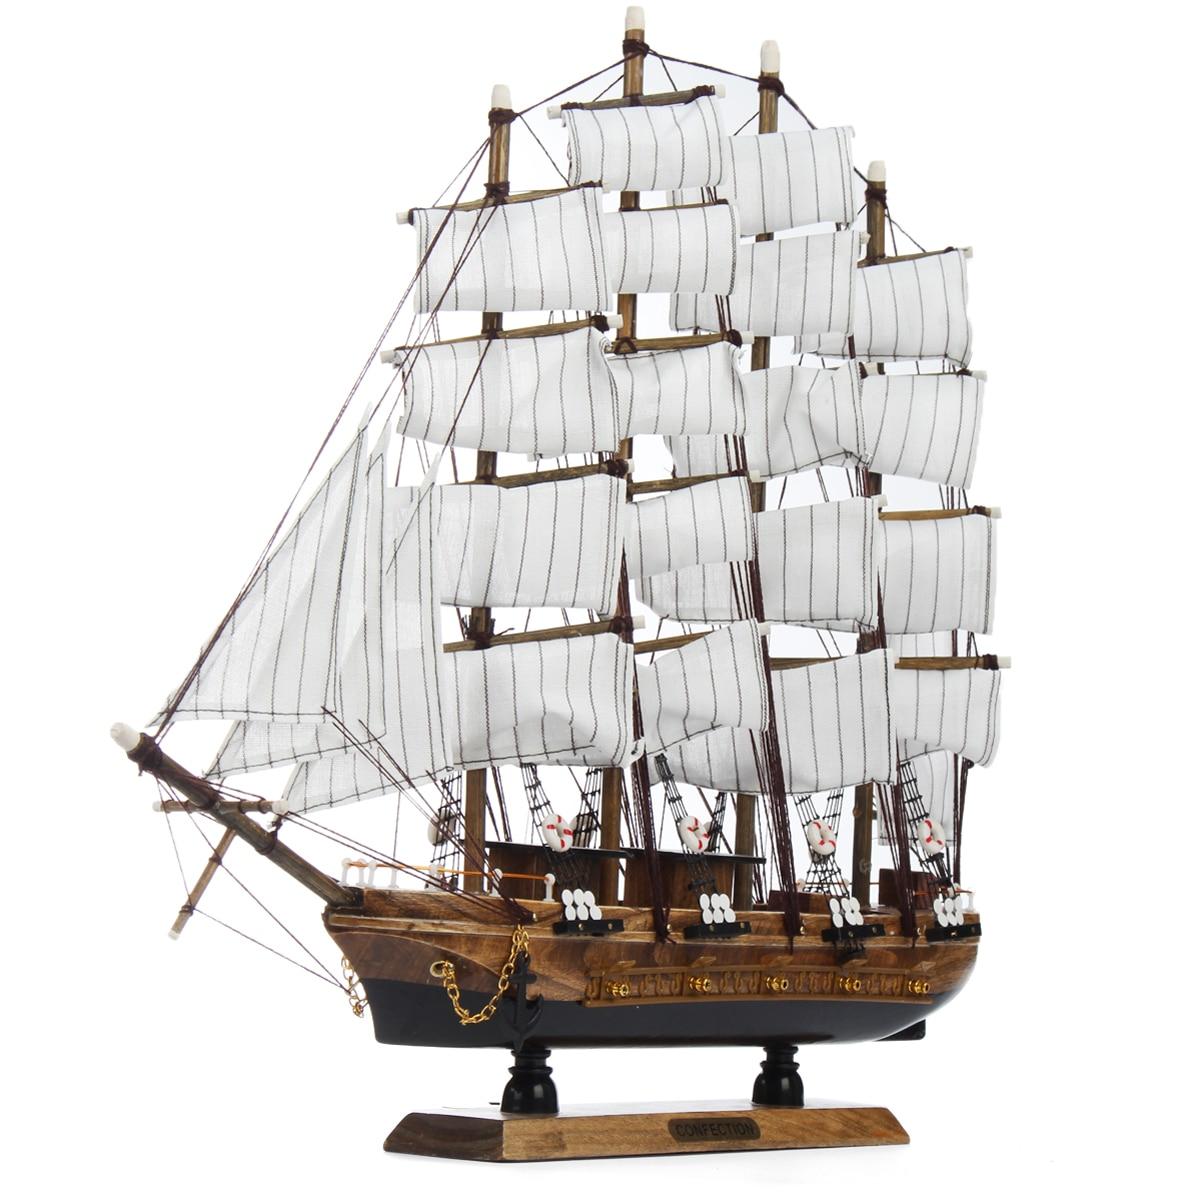 50 cm bois artisanat bureau ornements bureau boutique Club décoration Kits classique 50 cm en bois bateau à voile bateau modèle décor à la maison